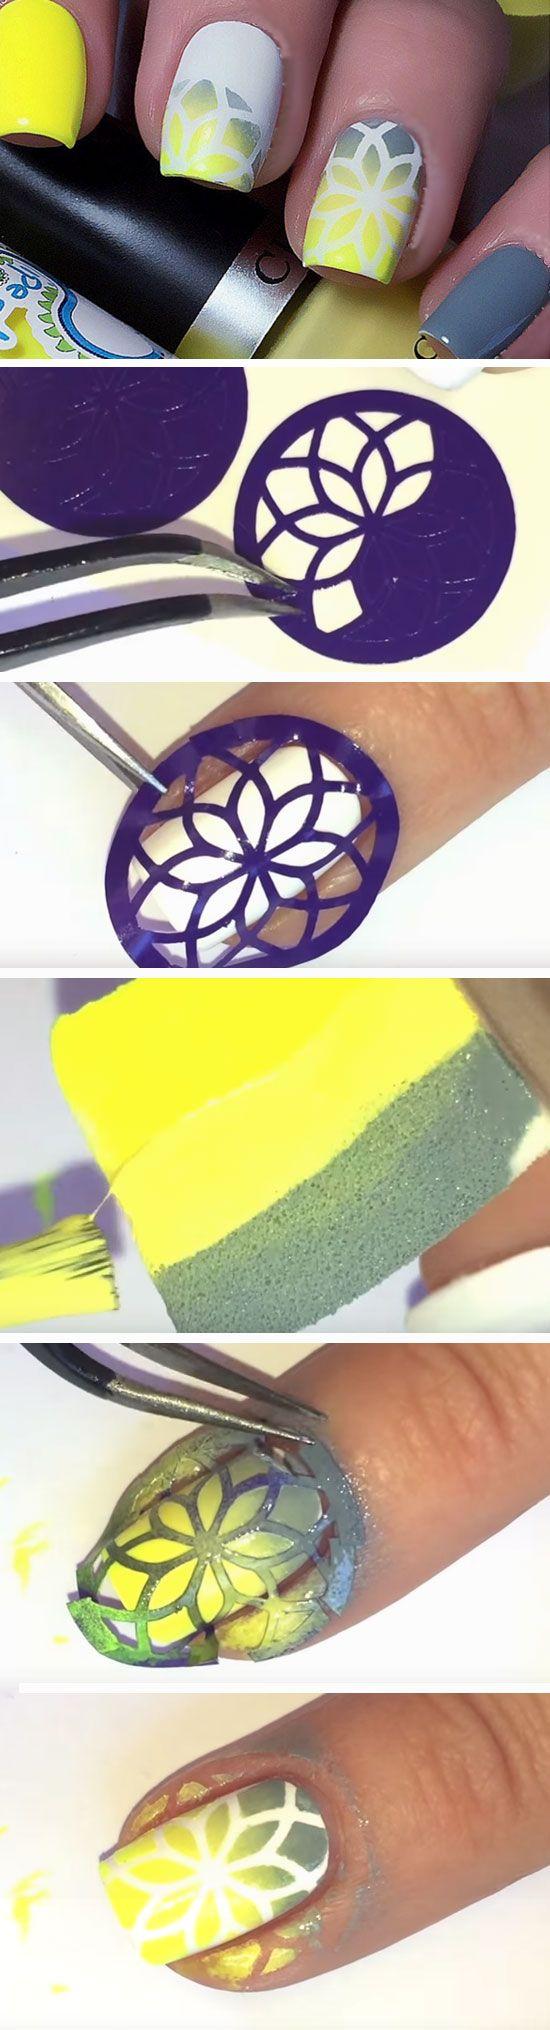 24 Easy Spring Nail Designs for Short Nails | Nail Art ...